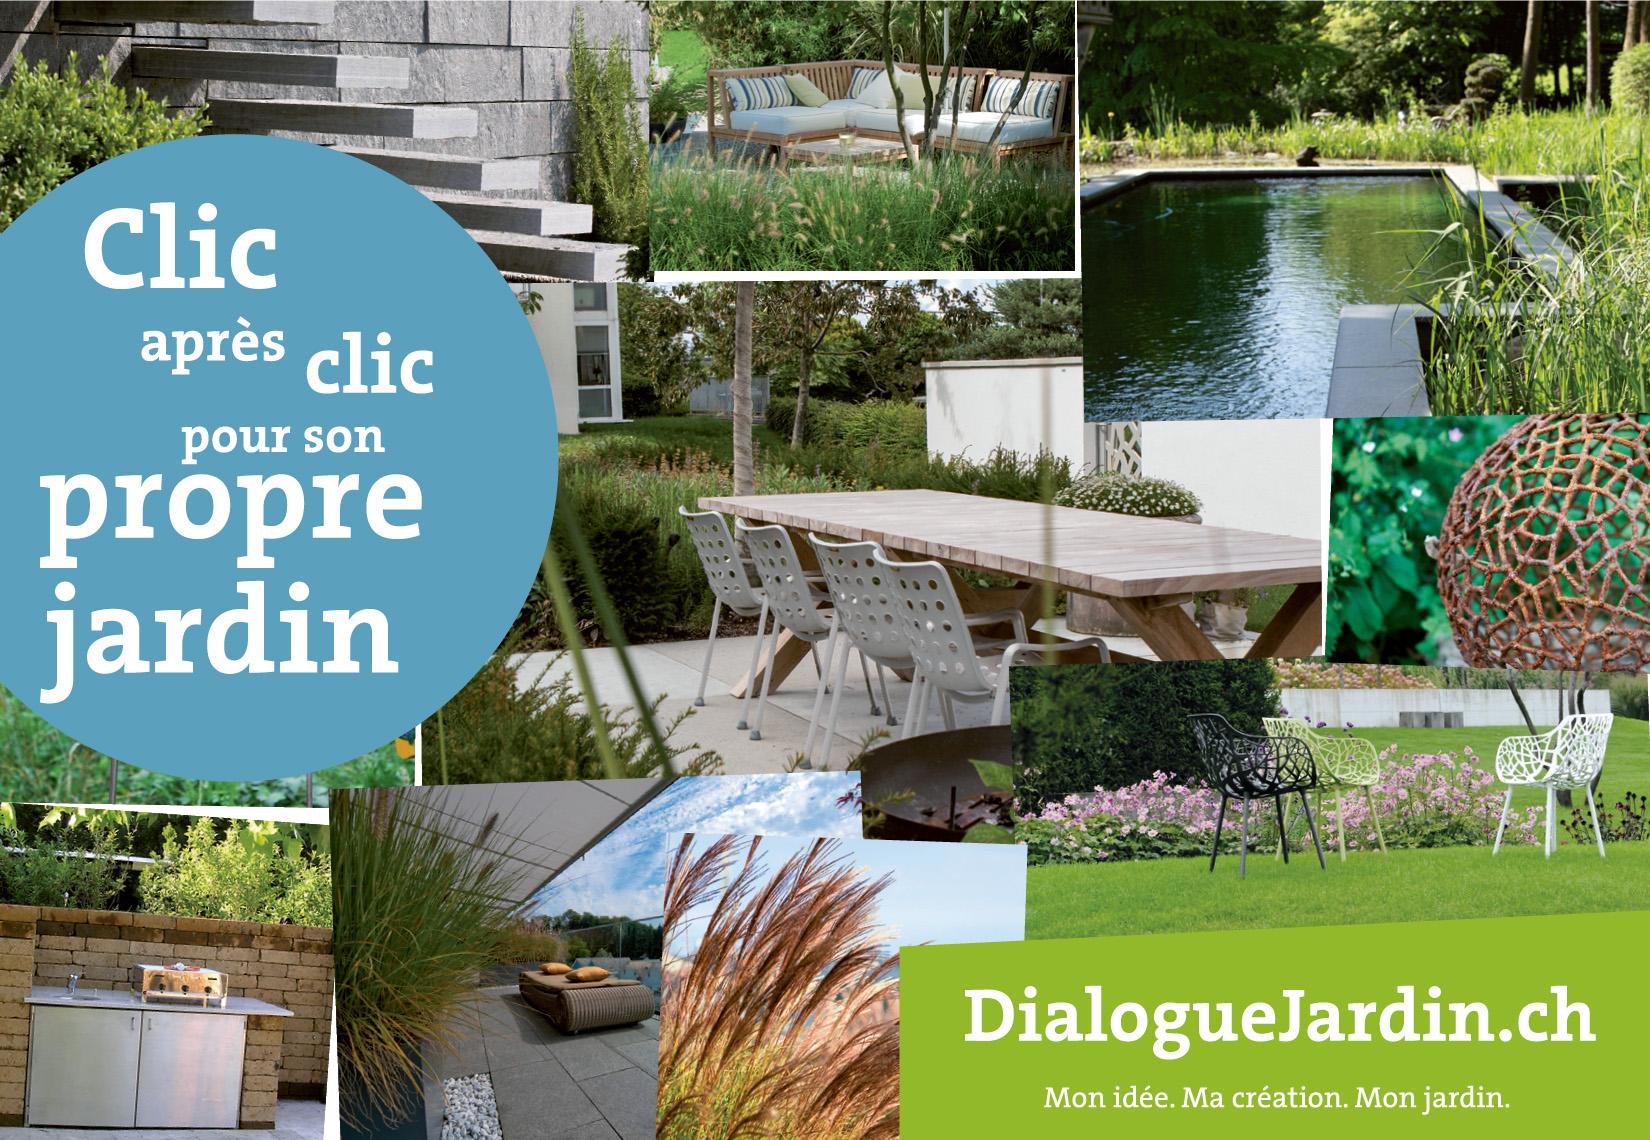 Clic après clic pour son propre jardin - dialoguejardin.ch